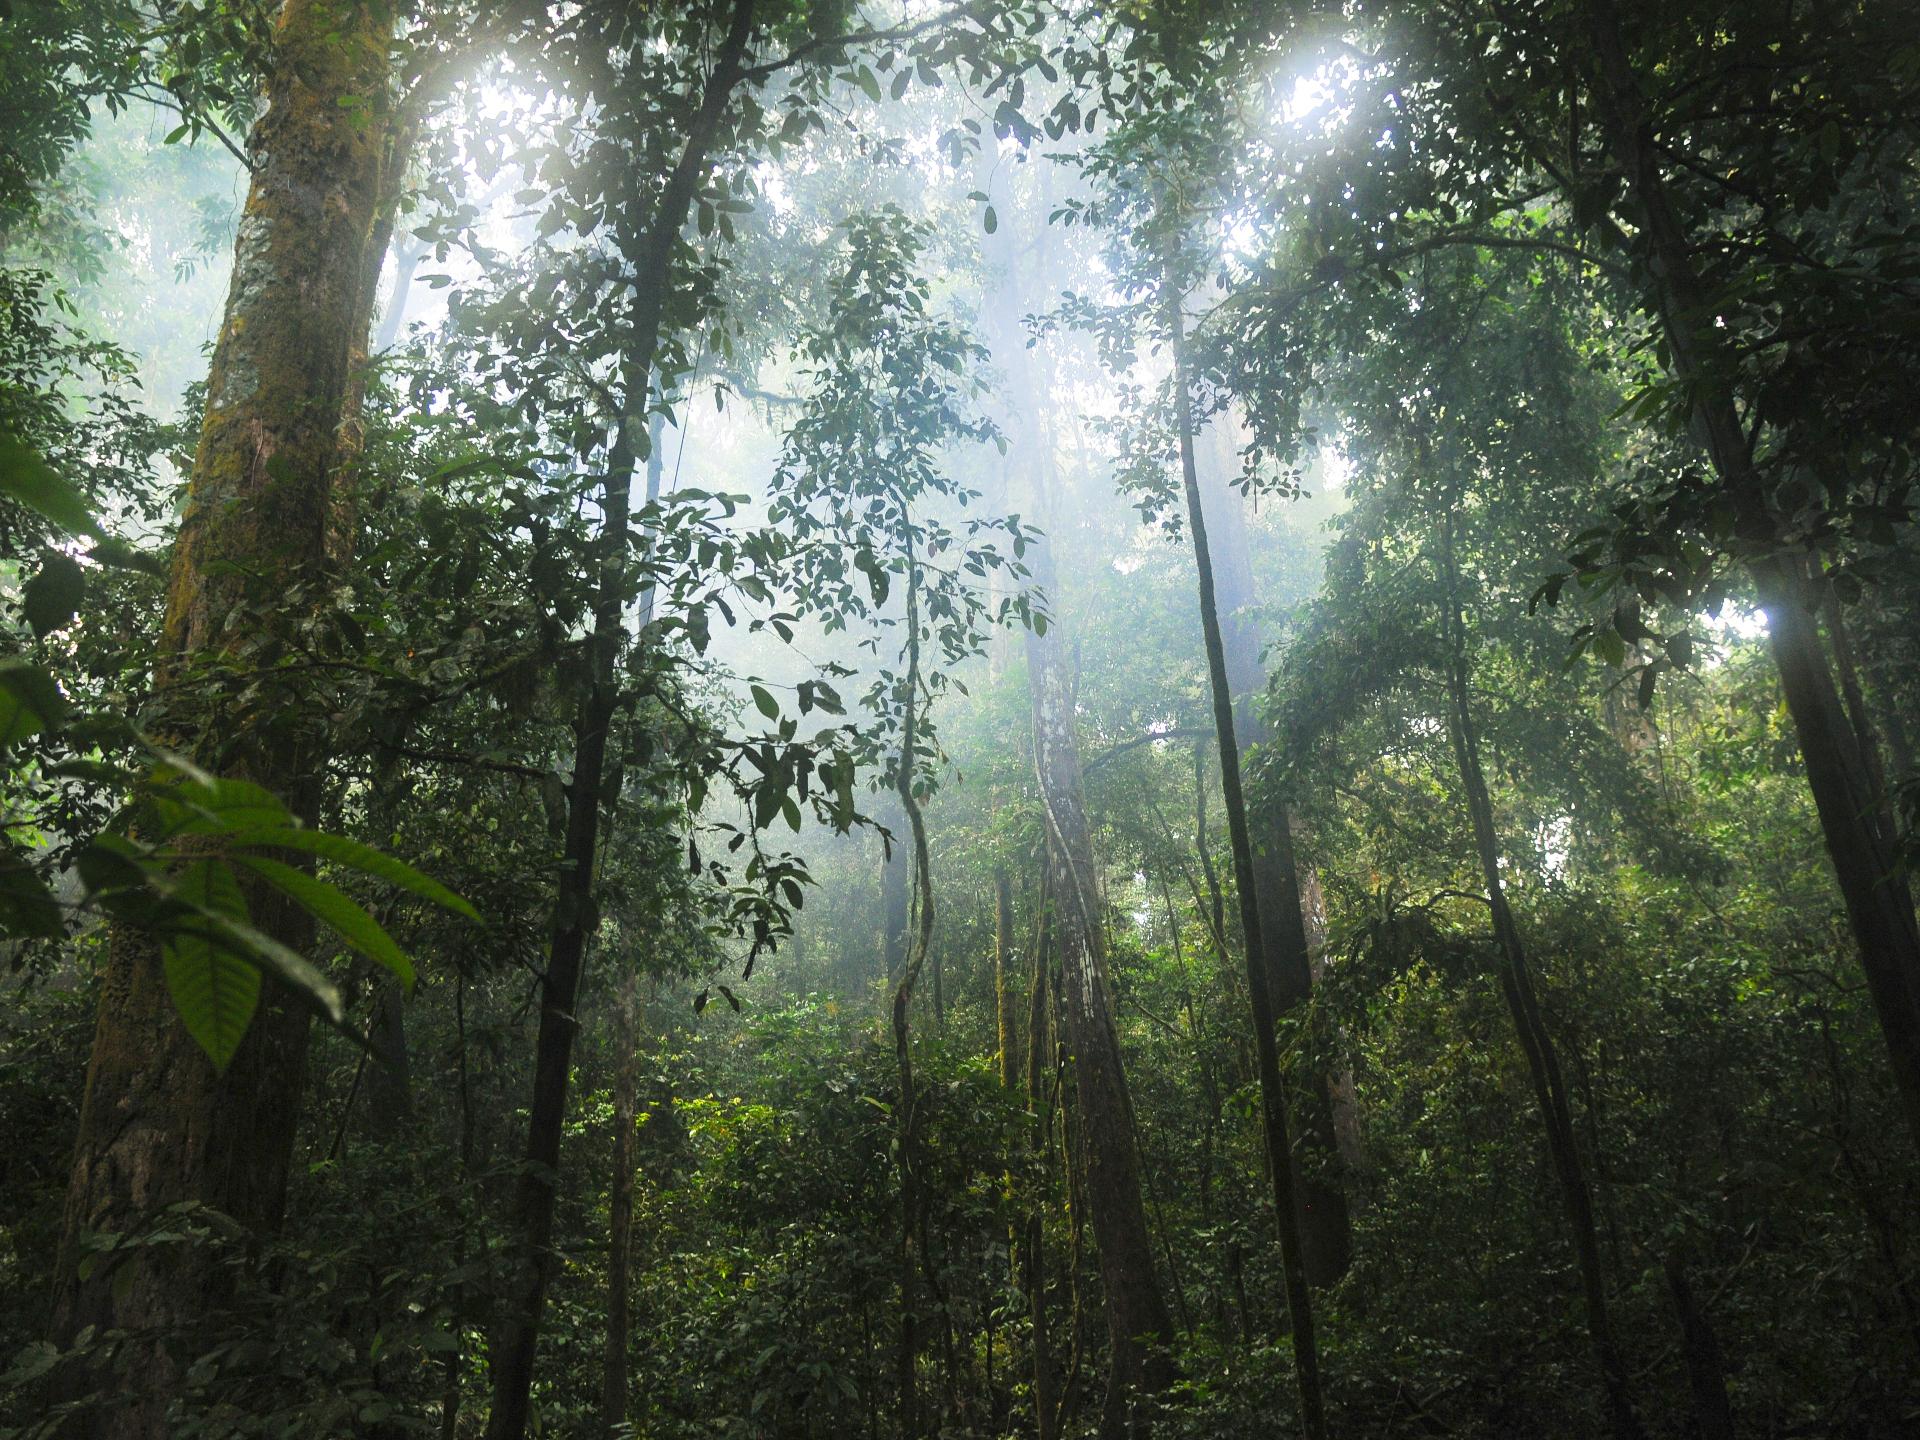 Der Erhalt speziell der letzten Urwälder unseres Planeten hat mehr Nutzen als nur die Bindung von CO2: diese Ökosysteme sind die letze Bastion für viele gefährdete Tier- und Pflanzenarten. - Photocredit: pixabay.com/stokpic